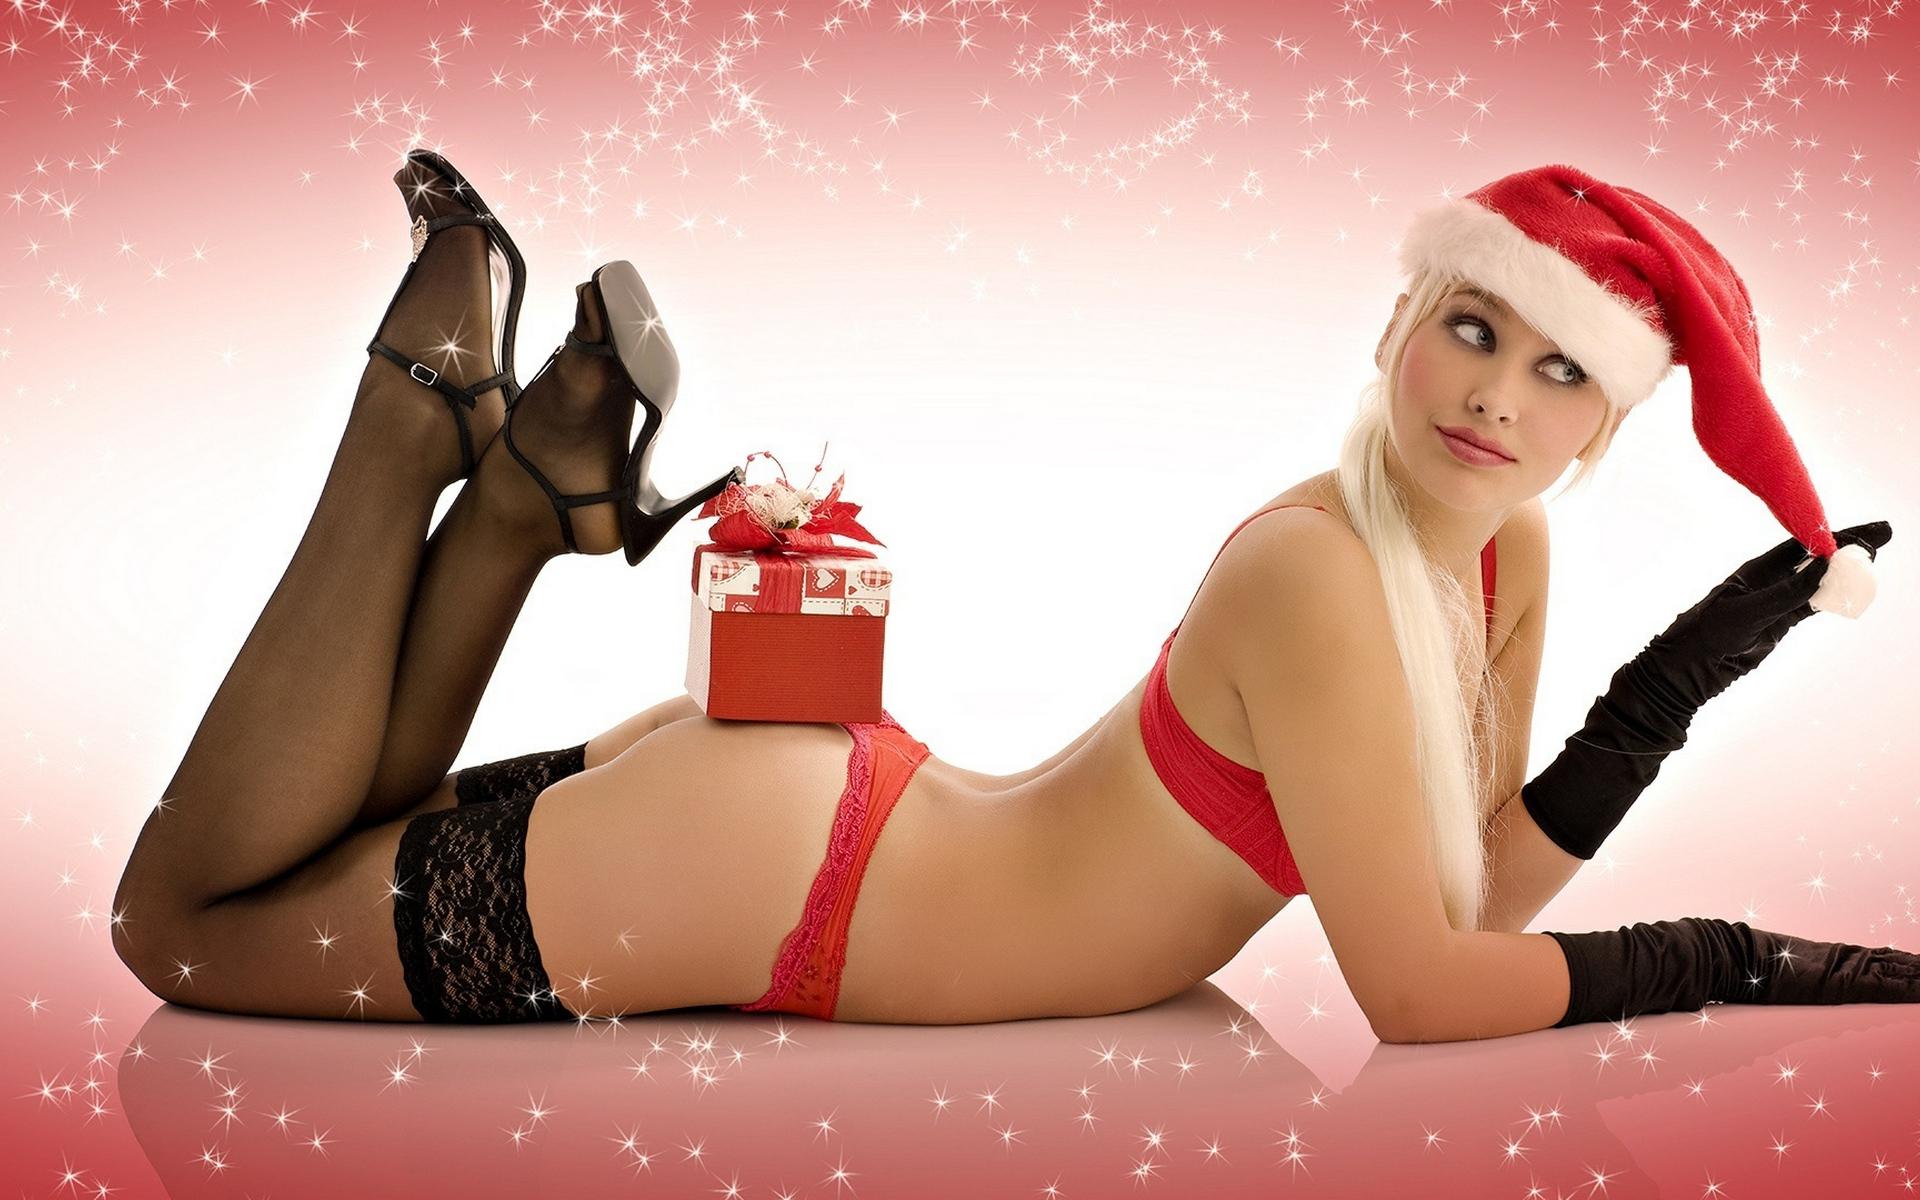 Красивое эротическое фото с новым годом